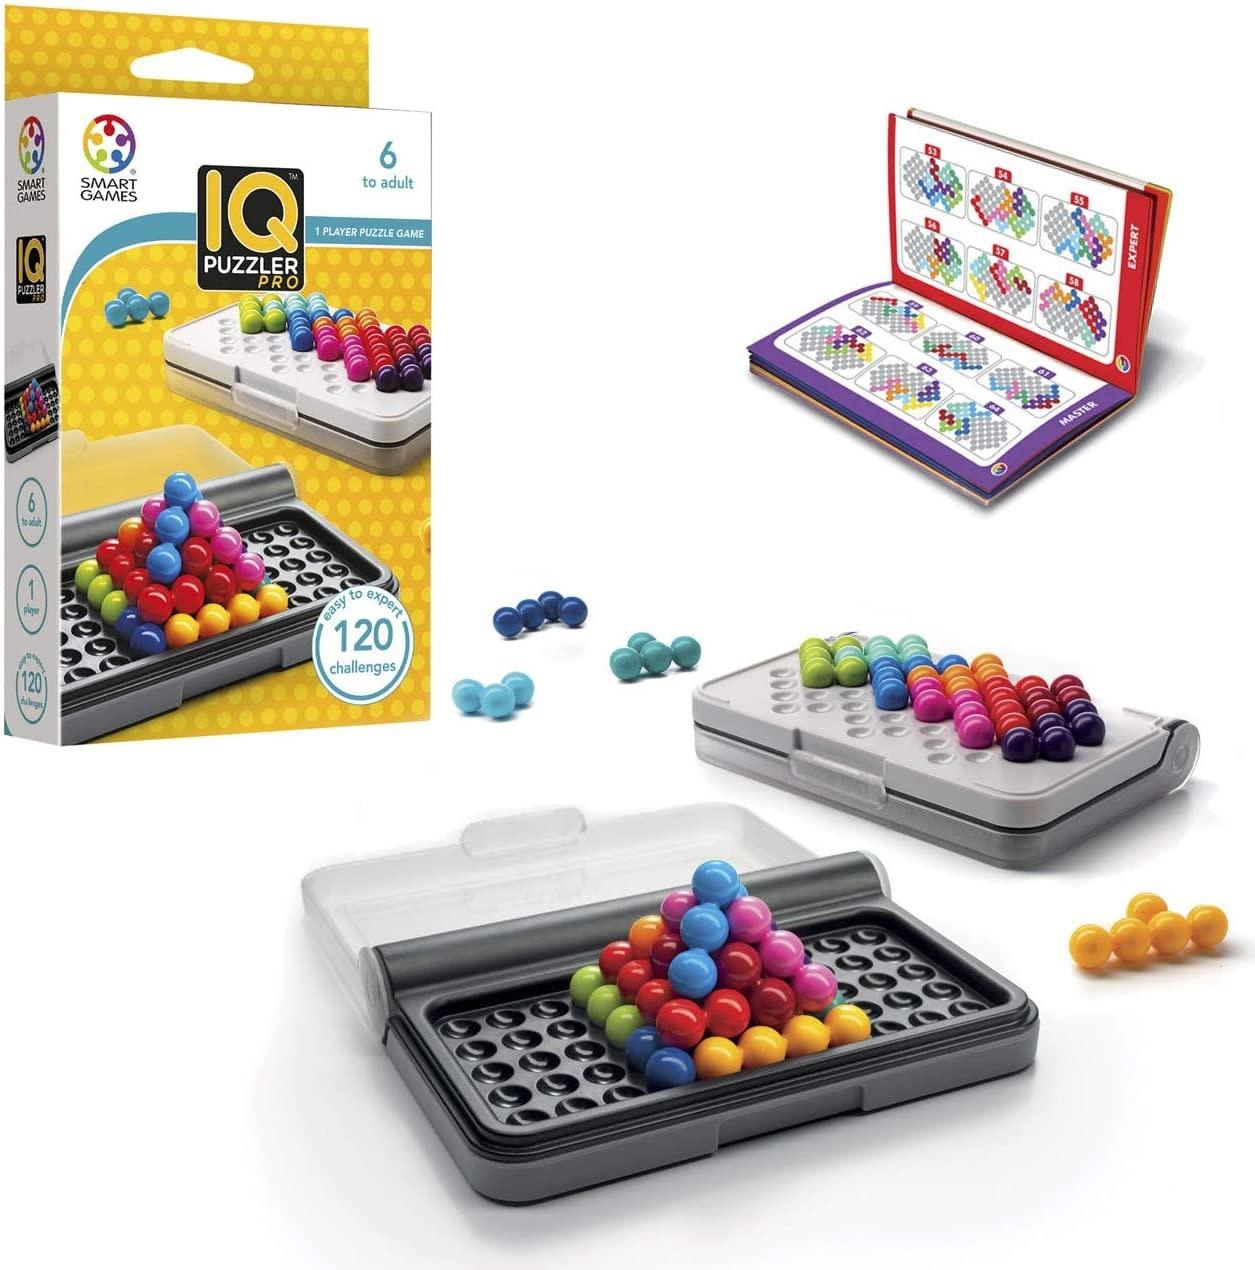 Game/IQ Puzzler Pro-4